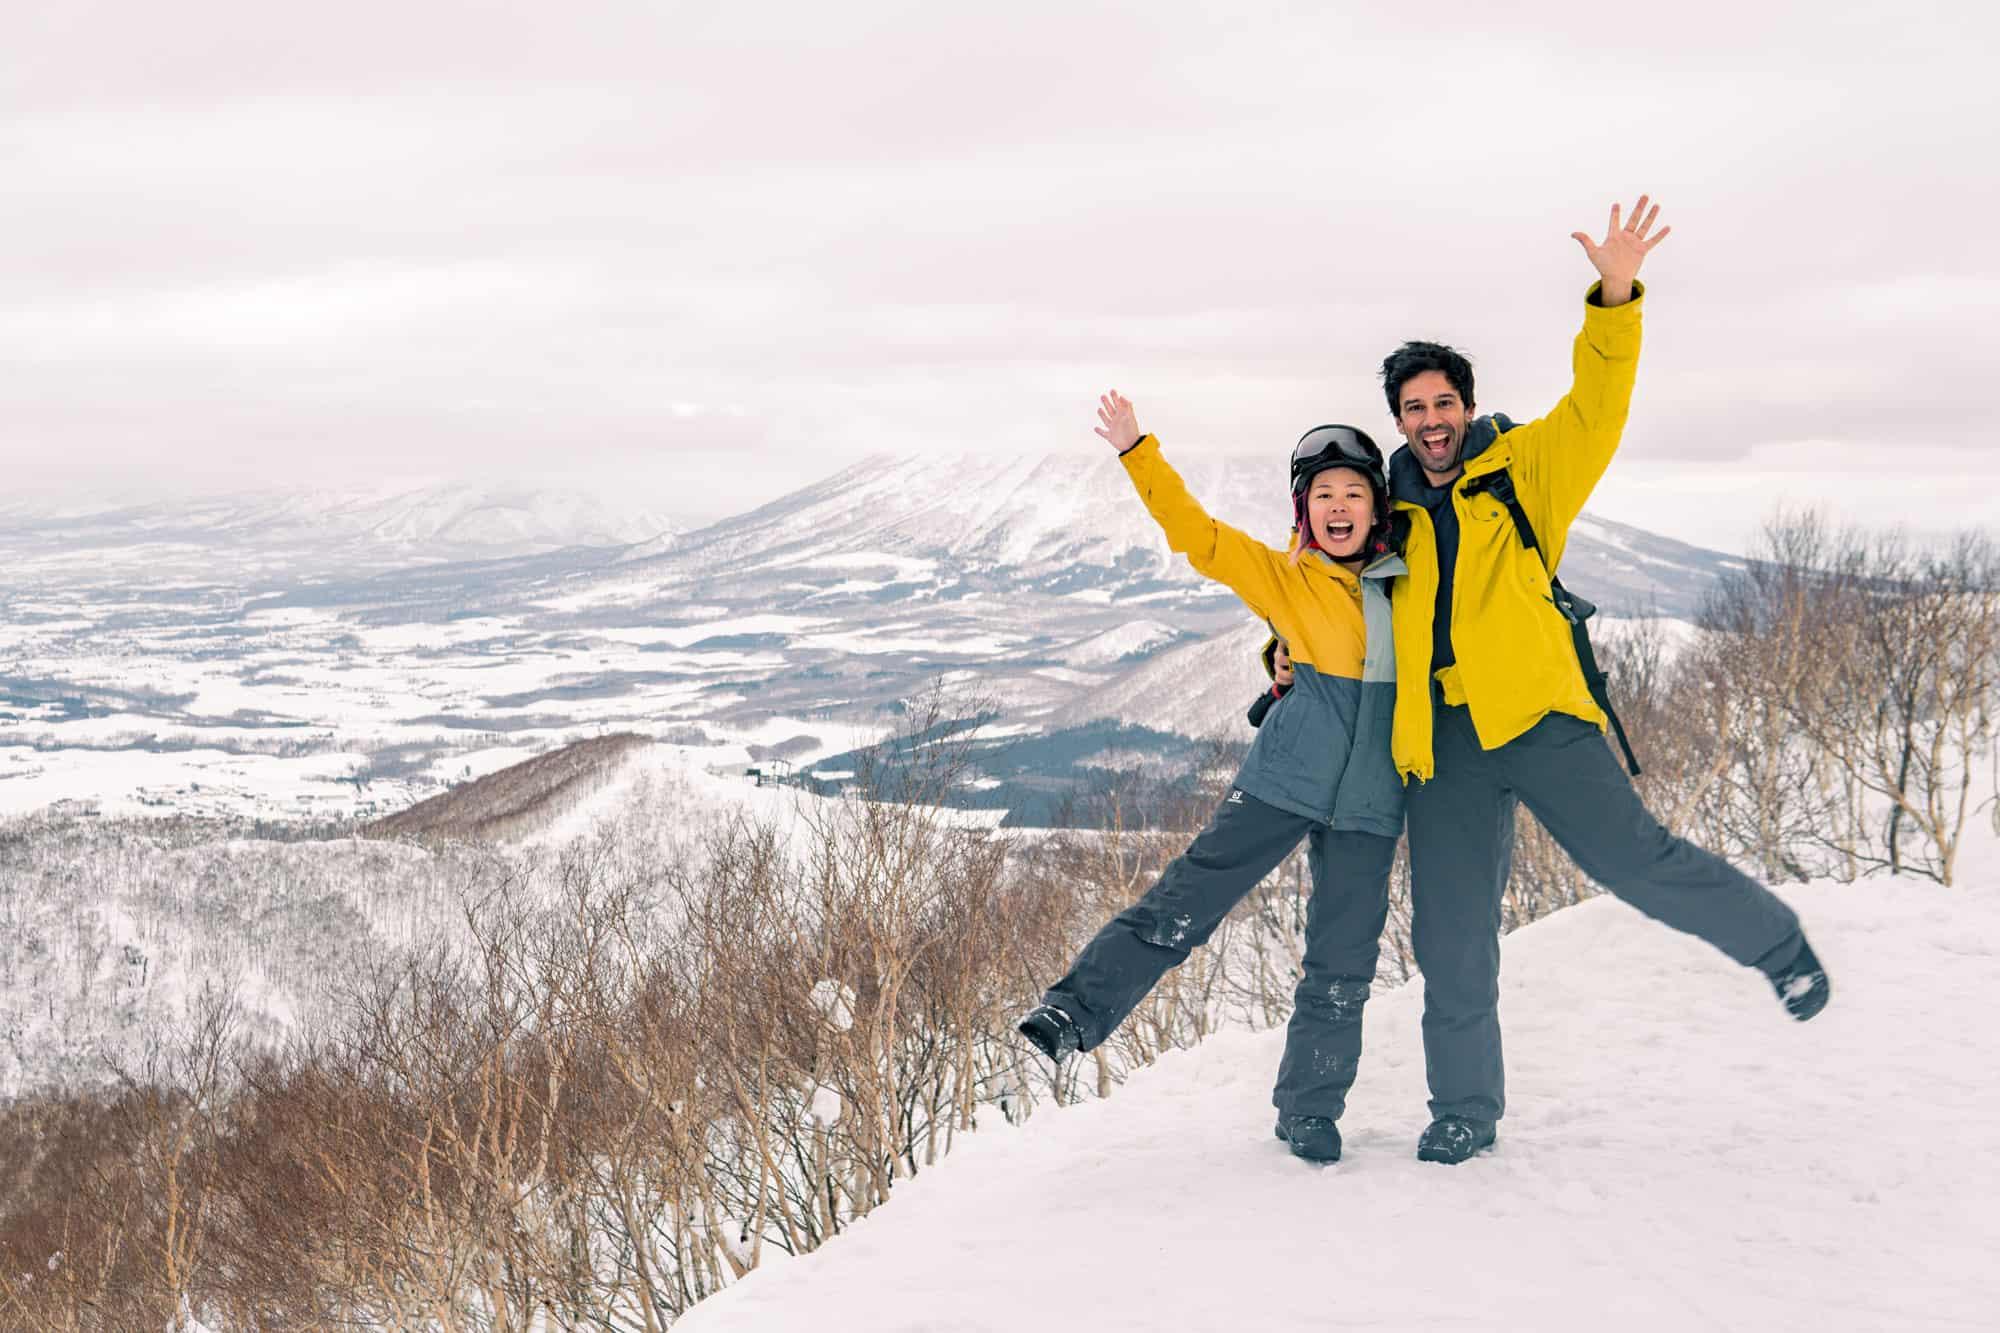 rusutsu ski resort review